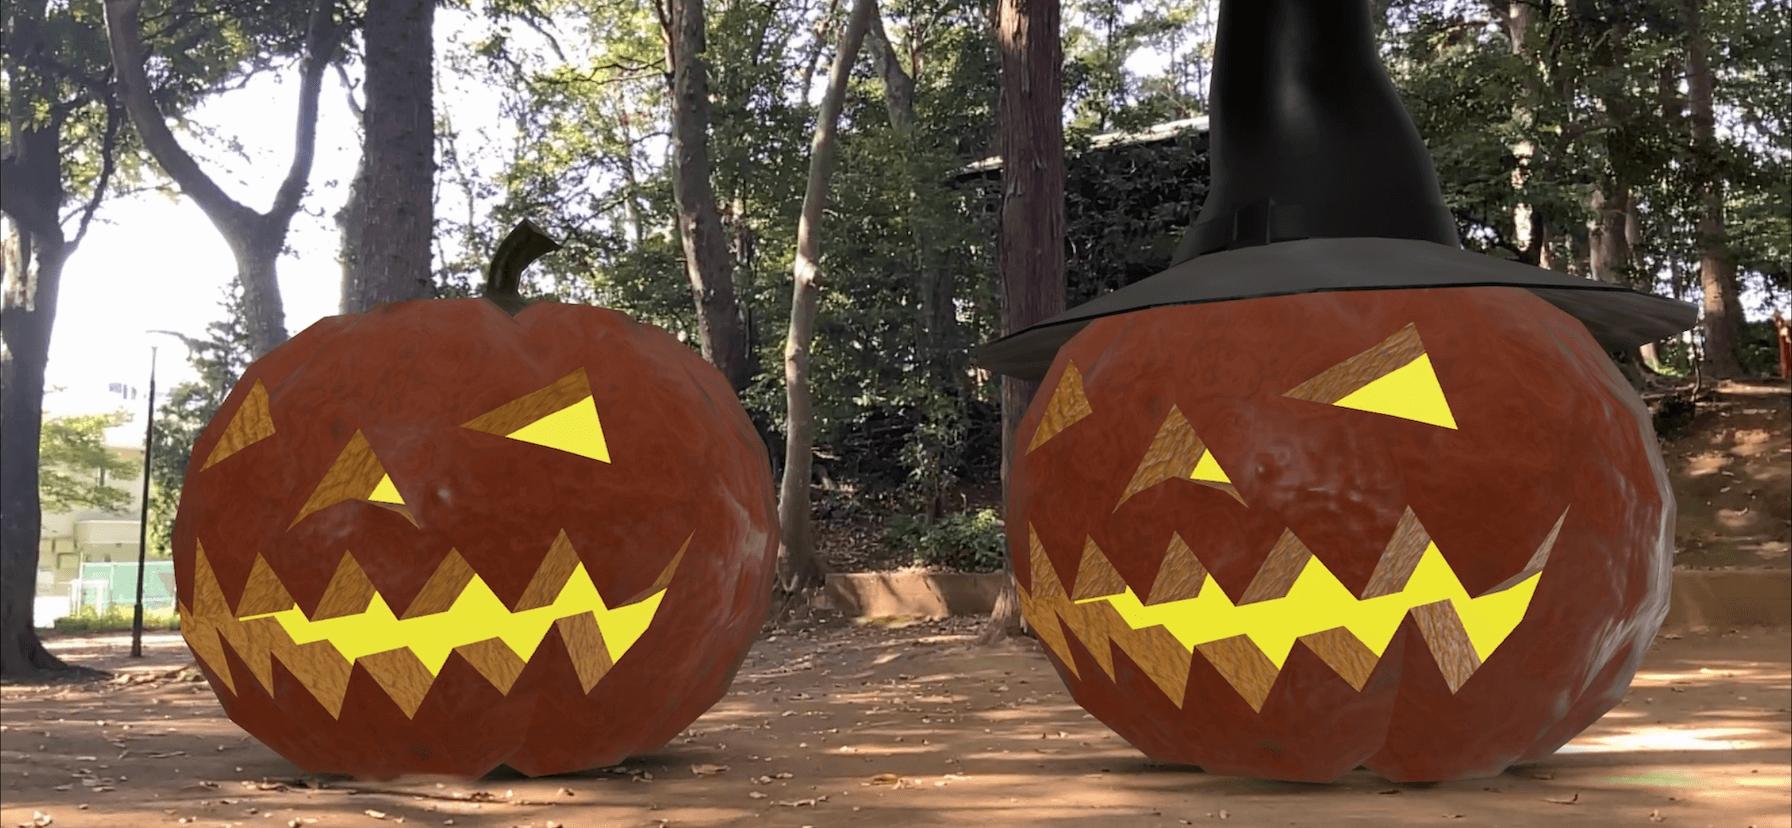 ハロウィンのお化けかぼちゃ!!LiDAR搭載のiPadProとWEBARでジャック・オー・ランタンを置いてみた。